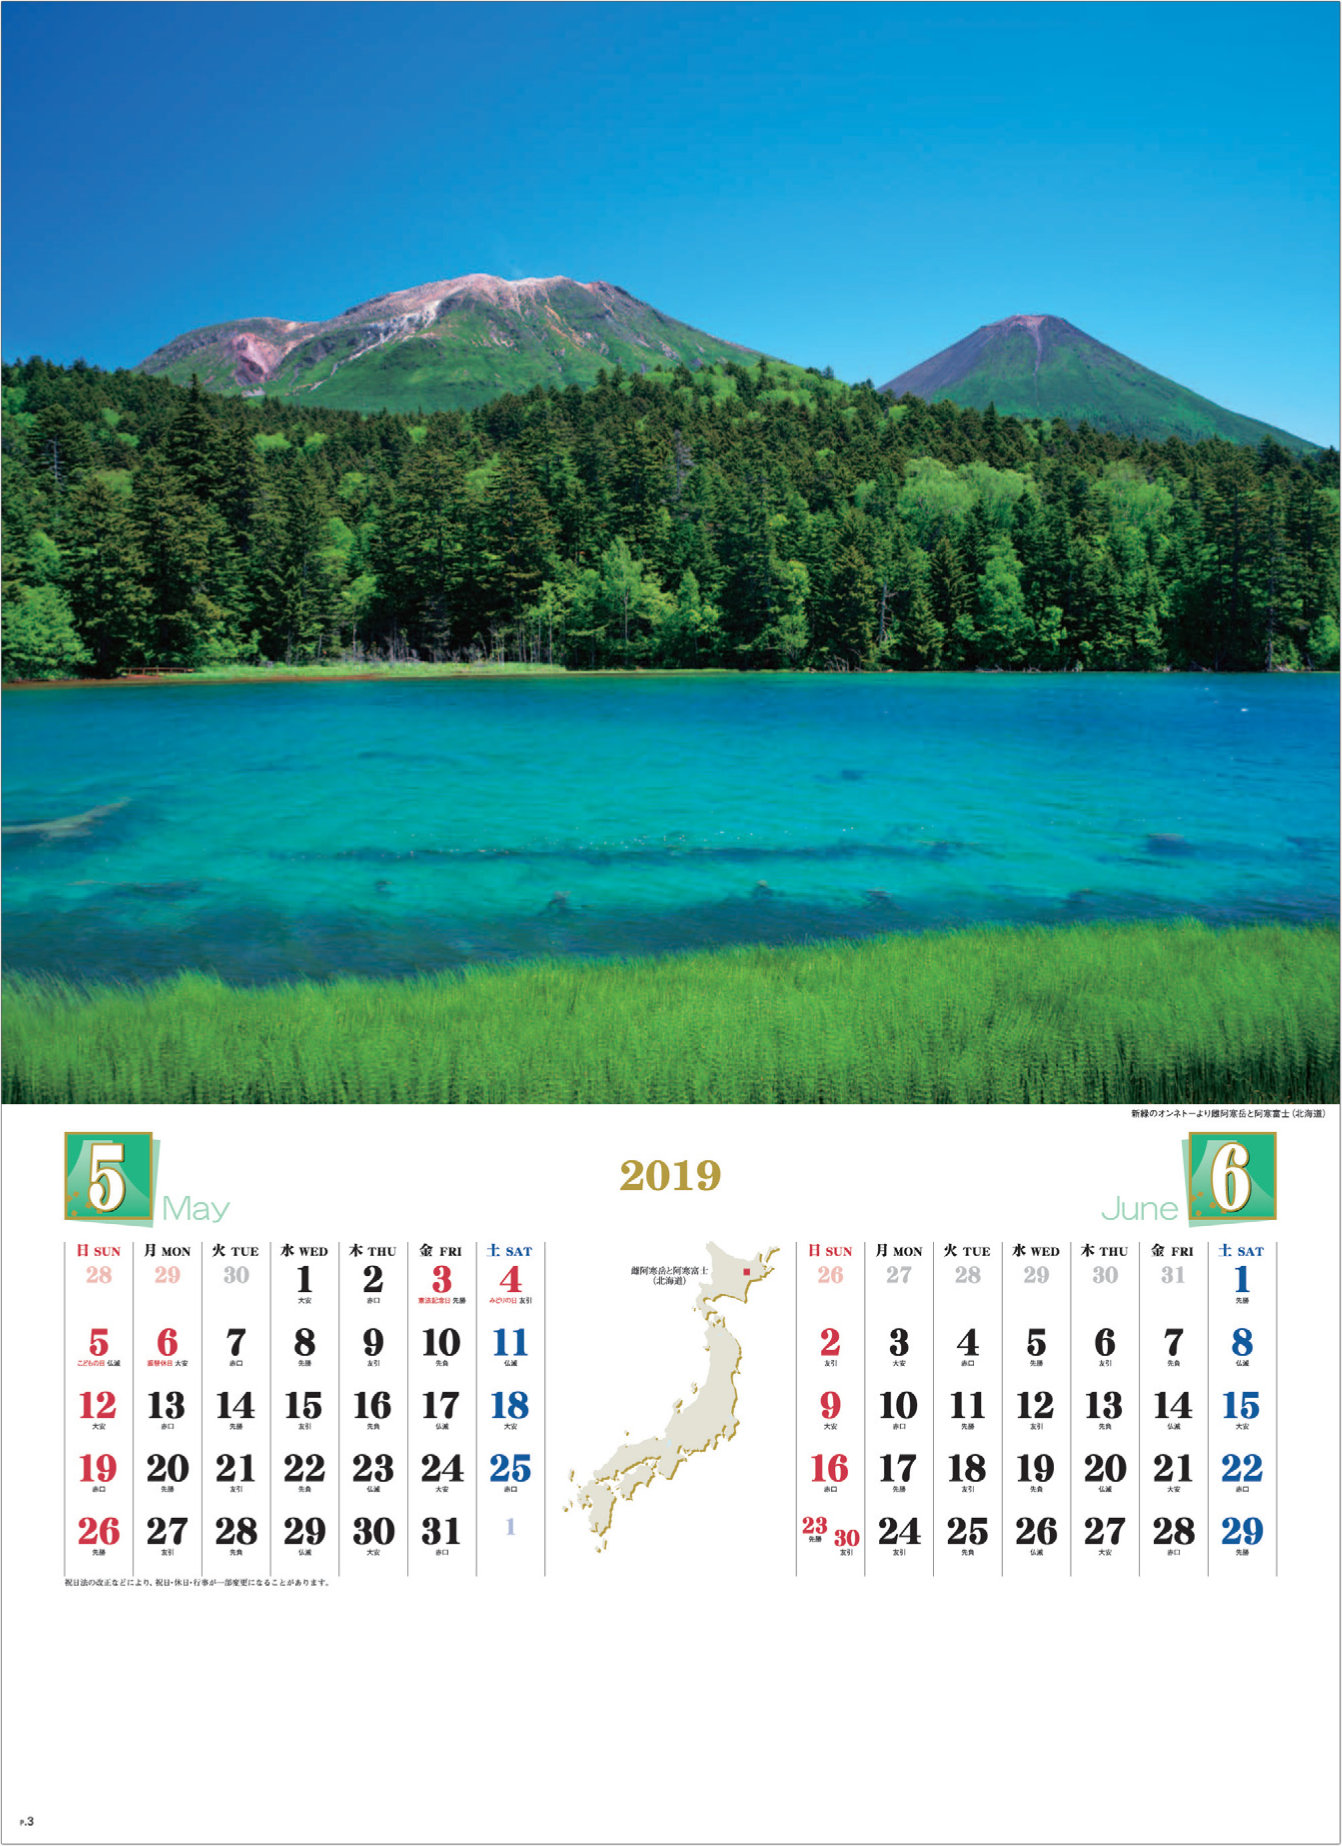 画像:北海道の雌阿寒岳と阿寒富士 四季彩峰 2019年カレンダー